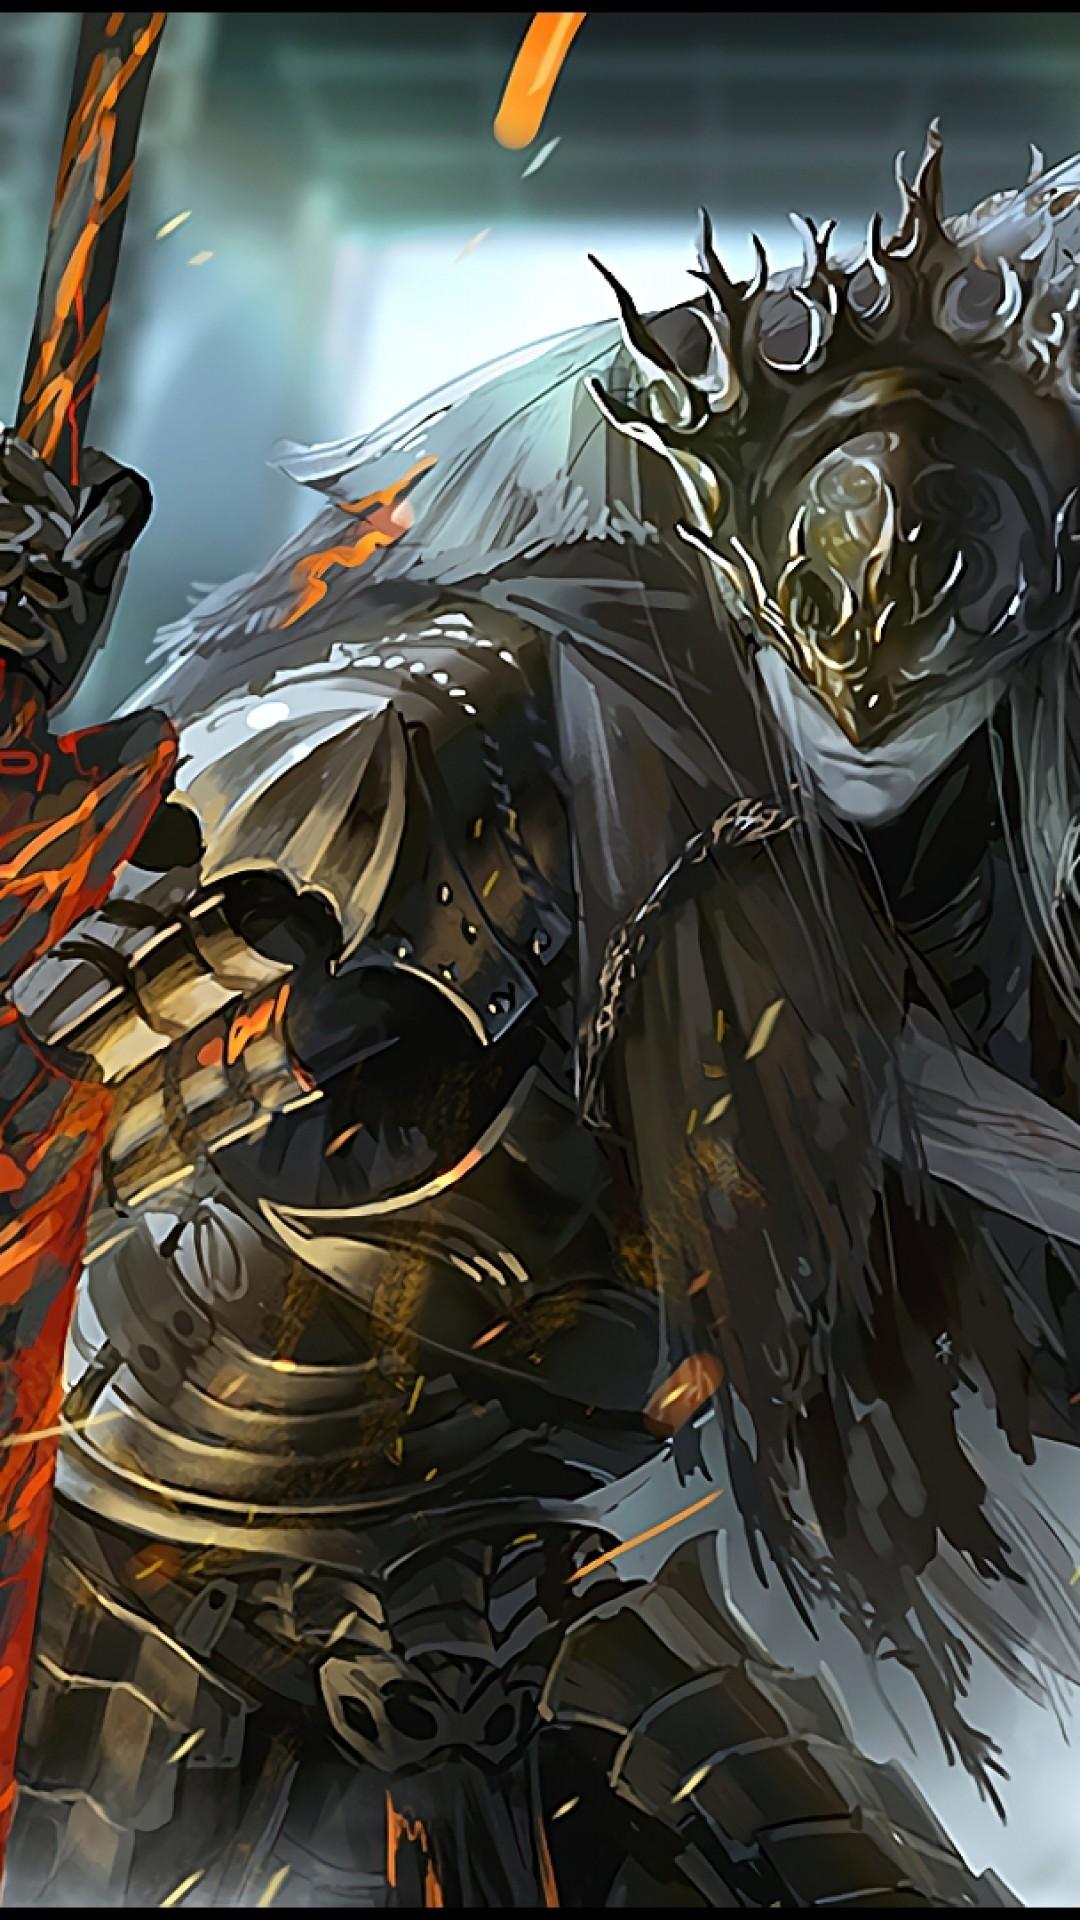 Dark Souls 3, Lorian, Lothric, Artwork, Boss